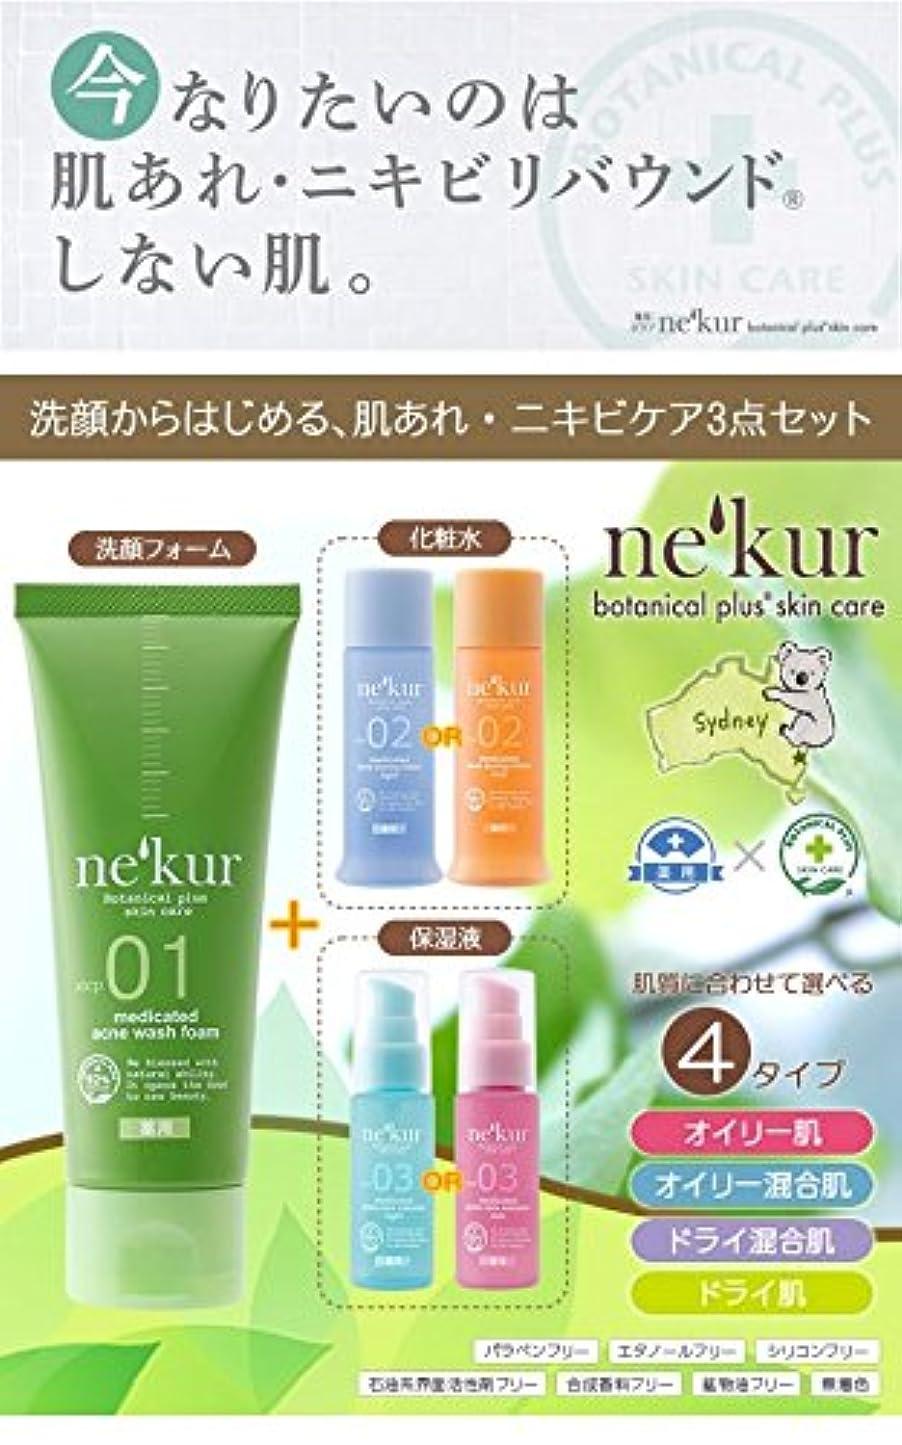 方向アーサーコナンドイルディスクネクア(nekur) ボタニカルプラススキンケア 薬用アクネ洗顔3点セット ■4種類の内「オイリー肌セット」のみです